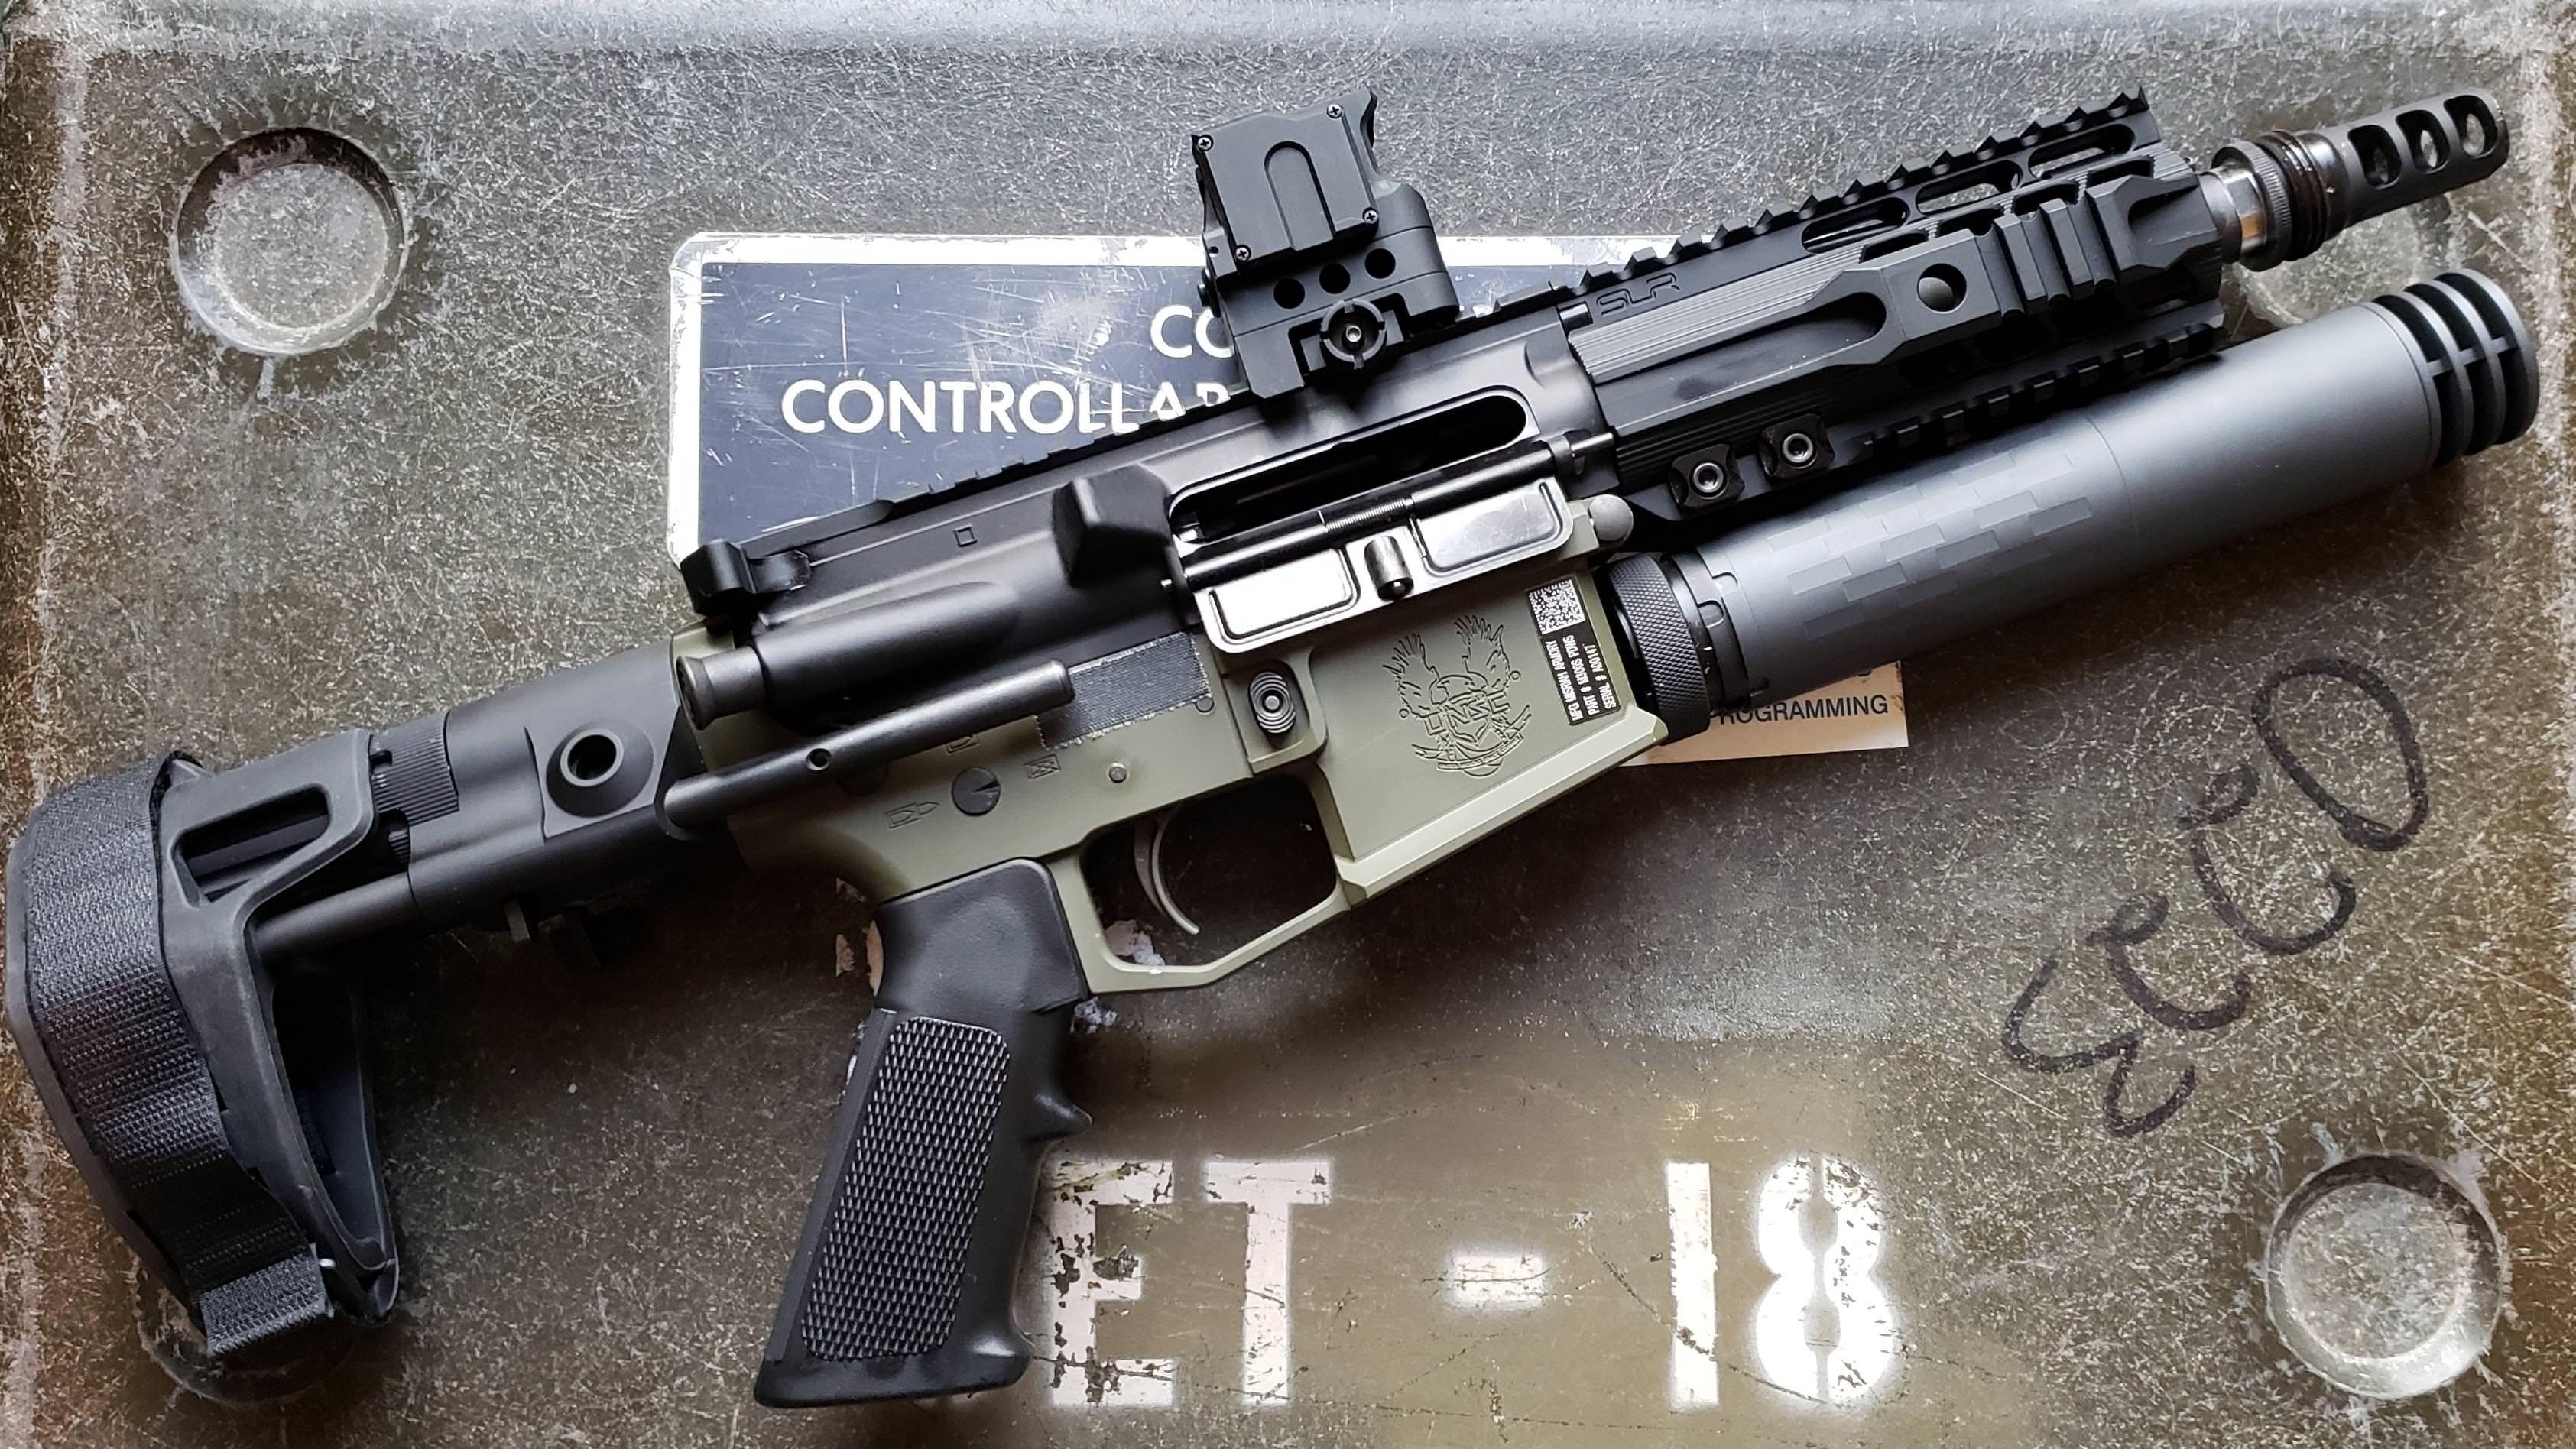 Pin by Erik Anderson on Guns | Guns, Ar pistol build, Assault rifle